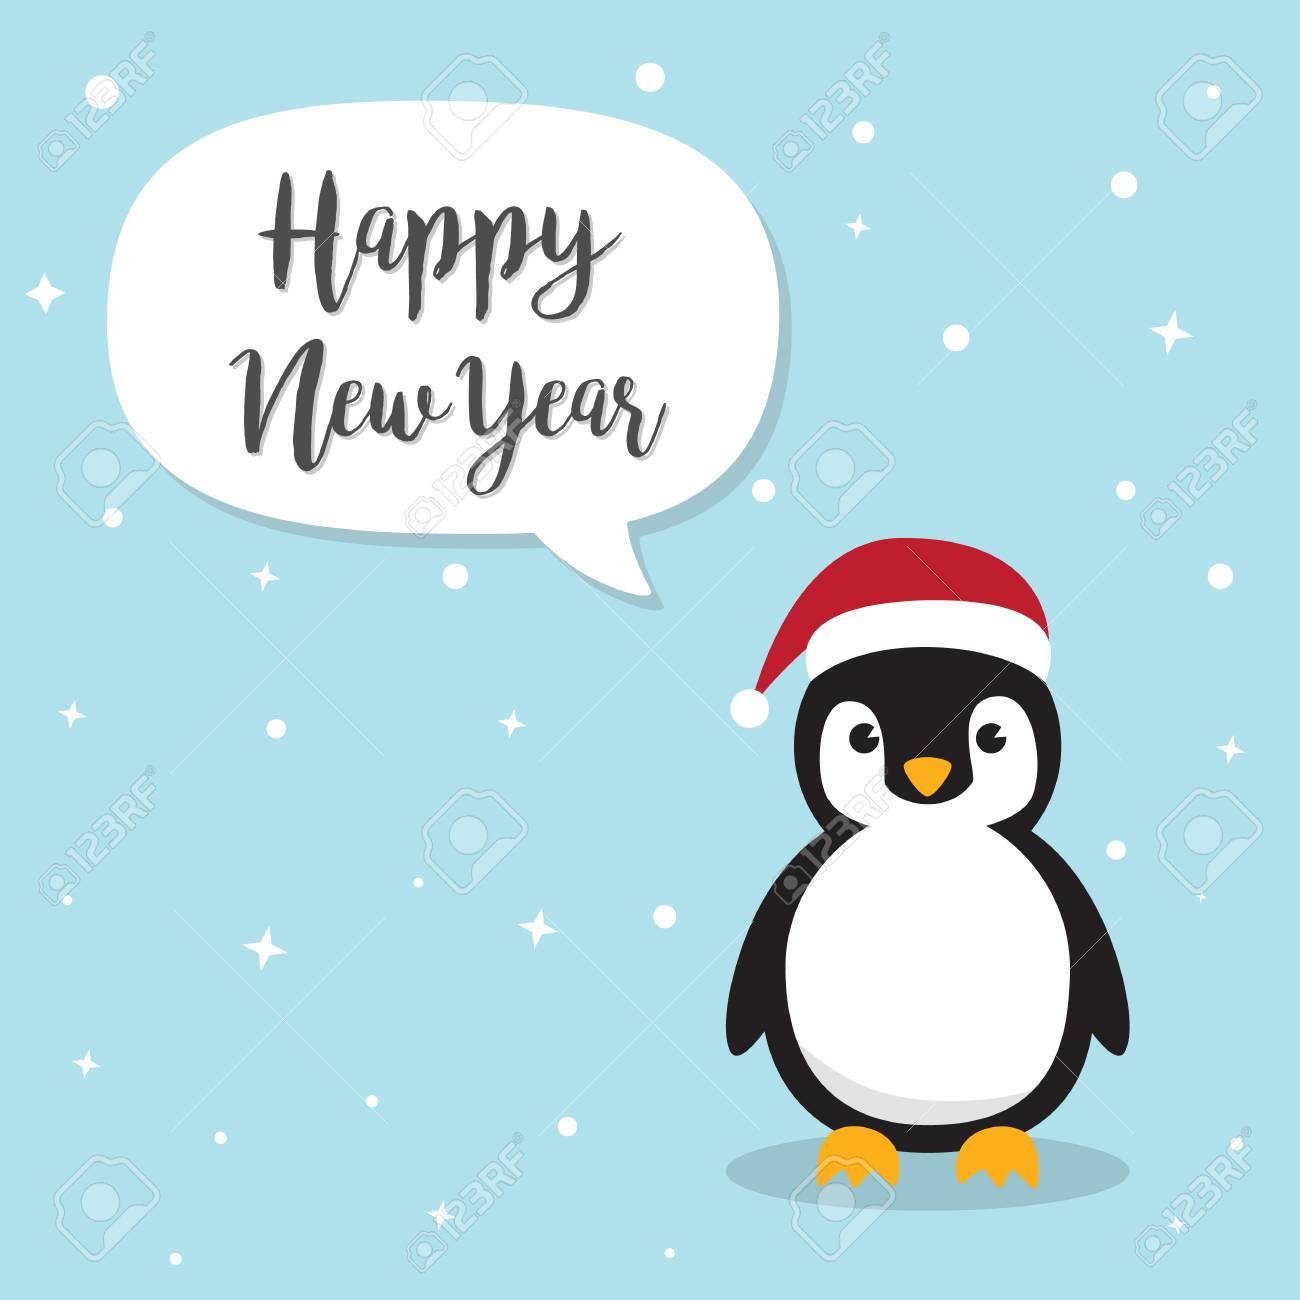 Personagem De Desenho Animado De Pinguim Pinguins Bonitos Que